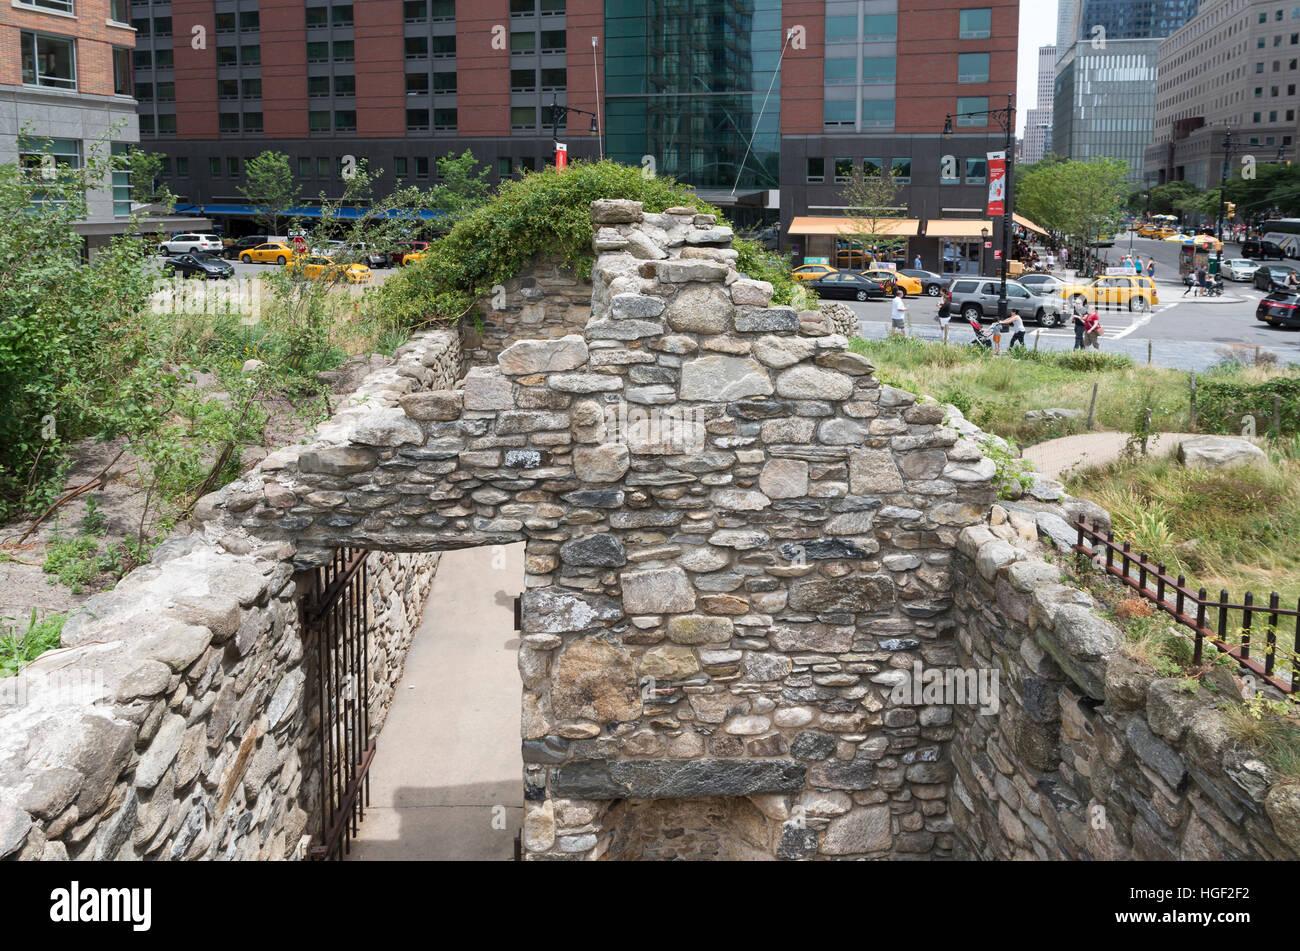 Mémorial de la faim irlandais sur Vesey Street, New York commémore la grande famine irlandaise. Photo Stock